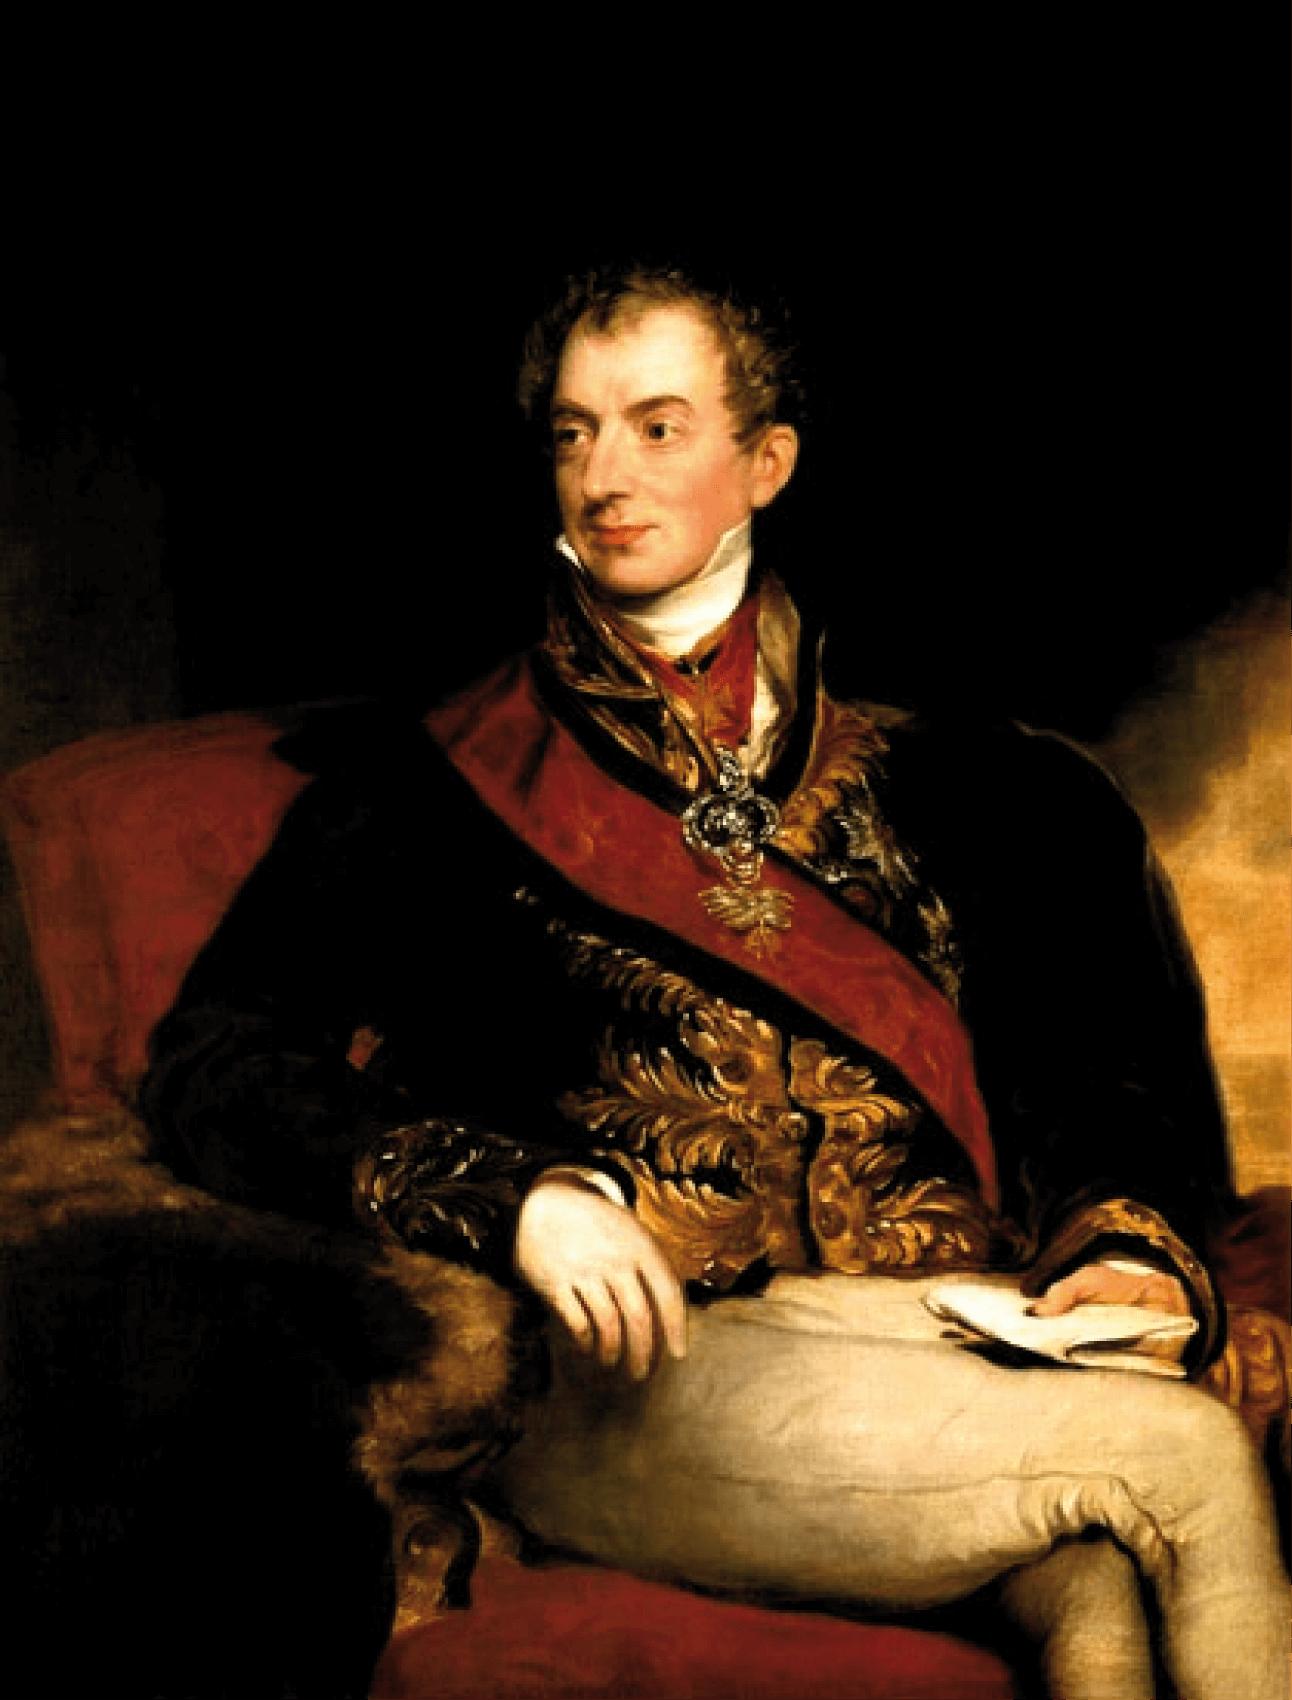 Książę Klemens von Metternich był oskarżany o sprowokowanie rabacji galicyjskiej.